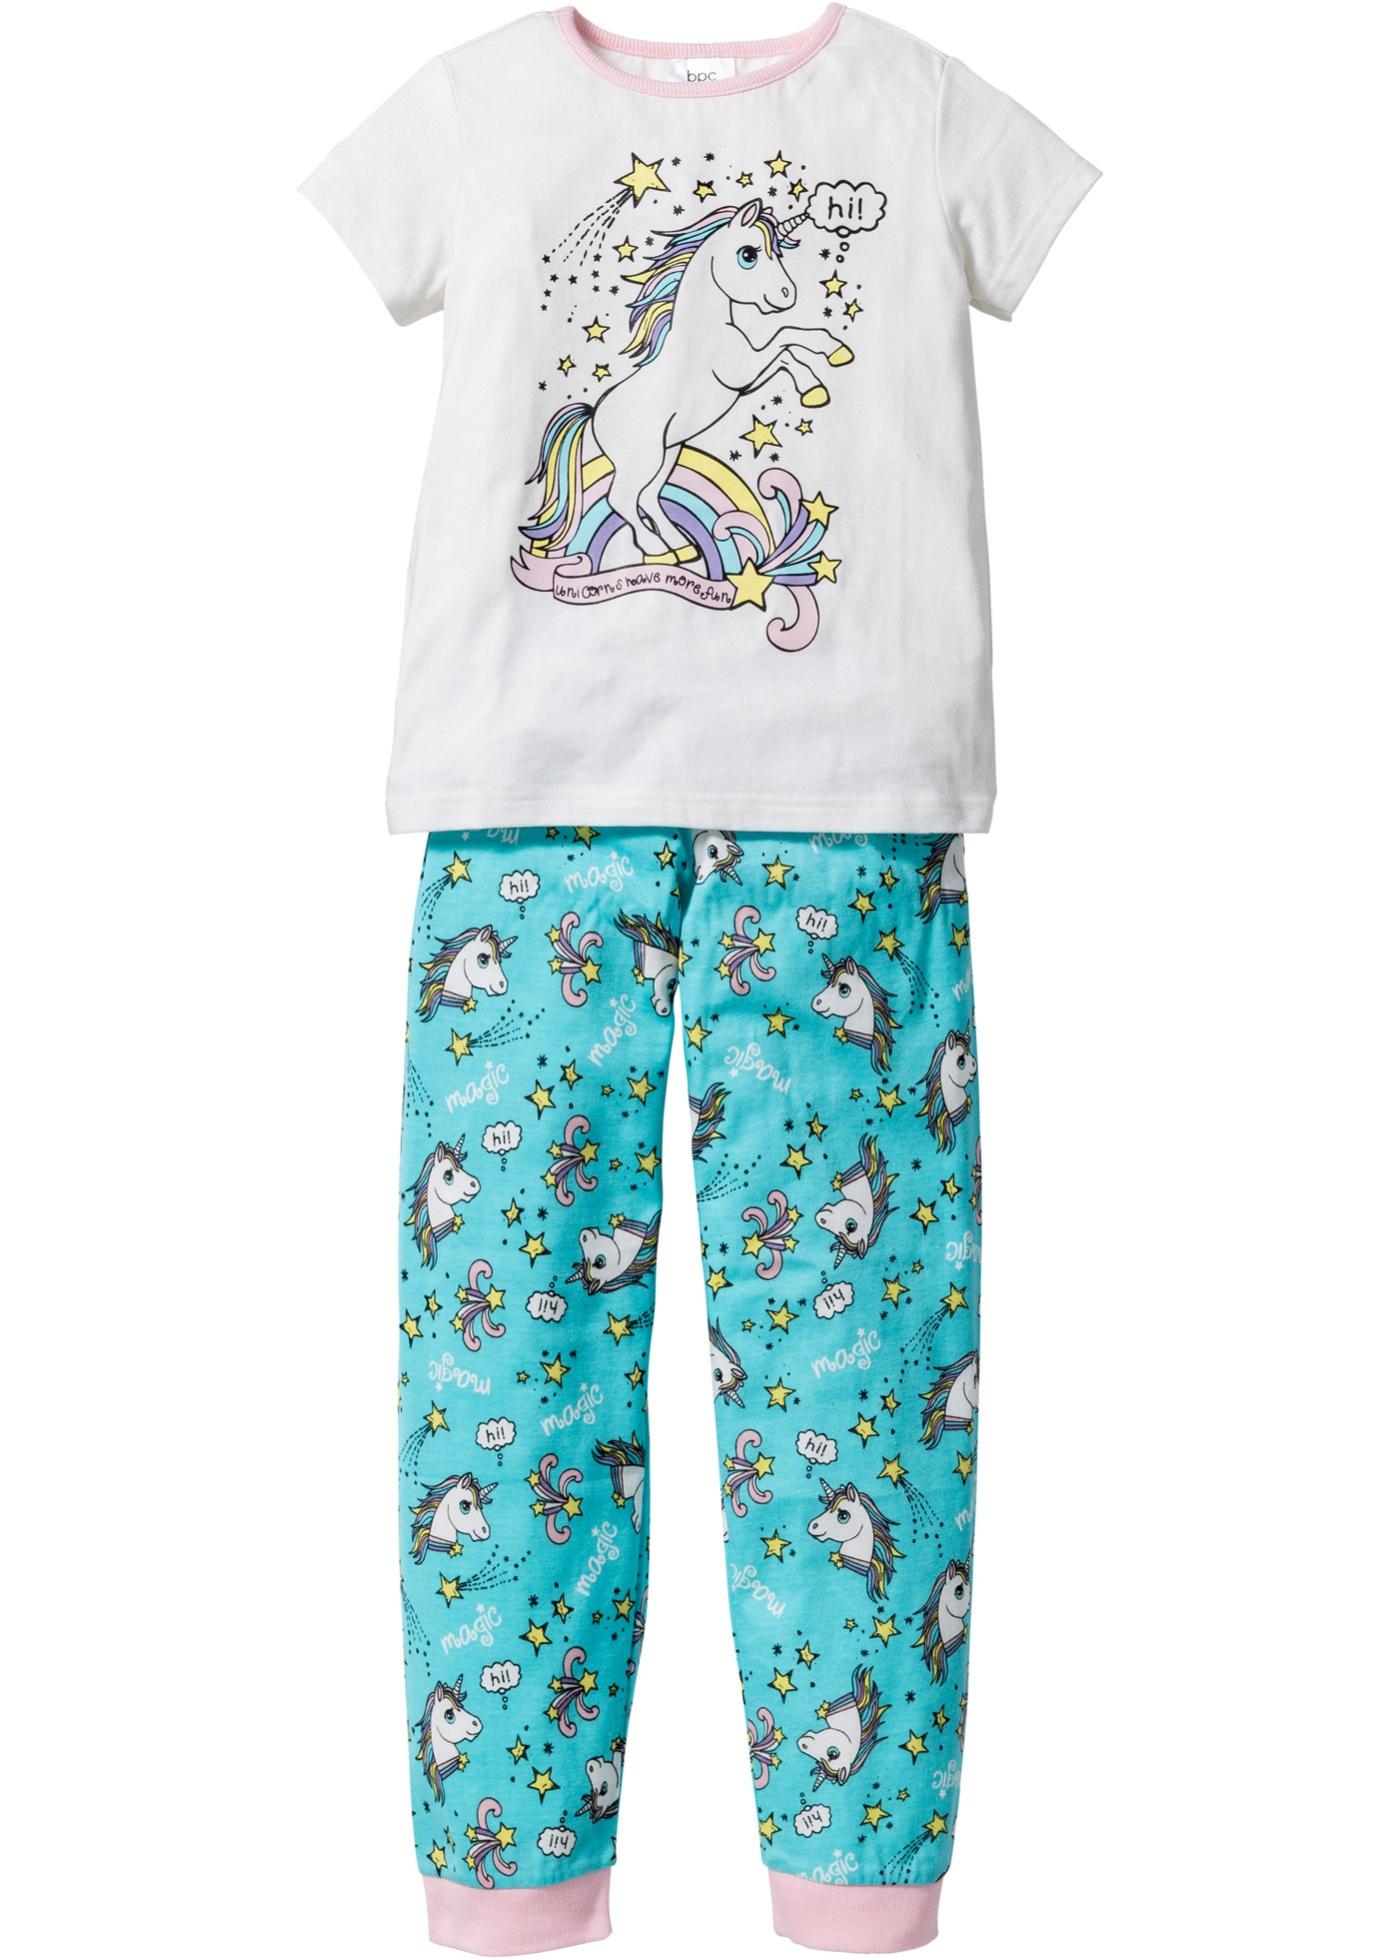 Pyjama (Ens. 2 pces.)